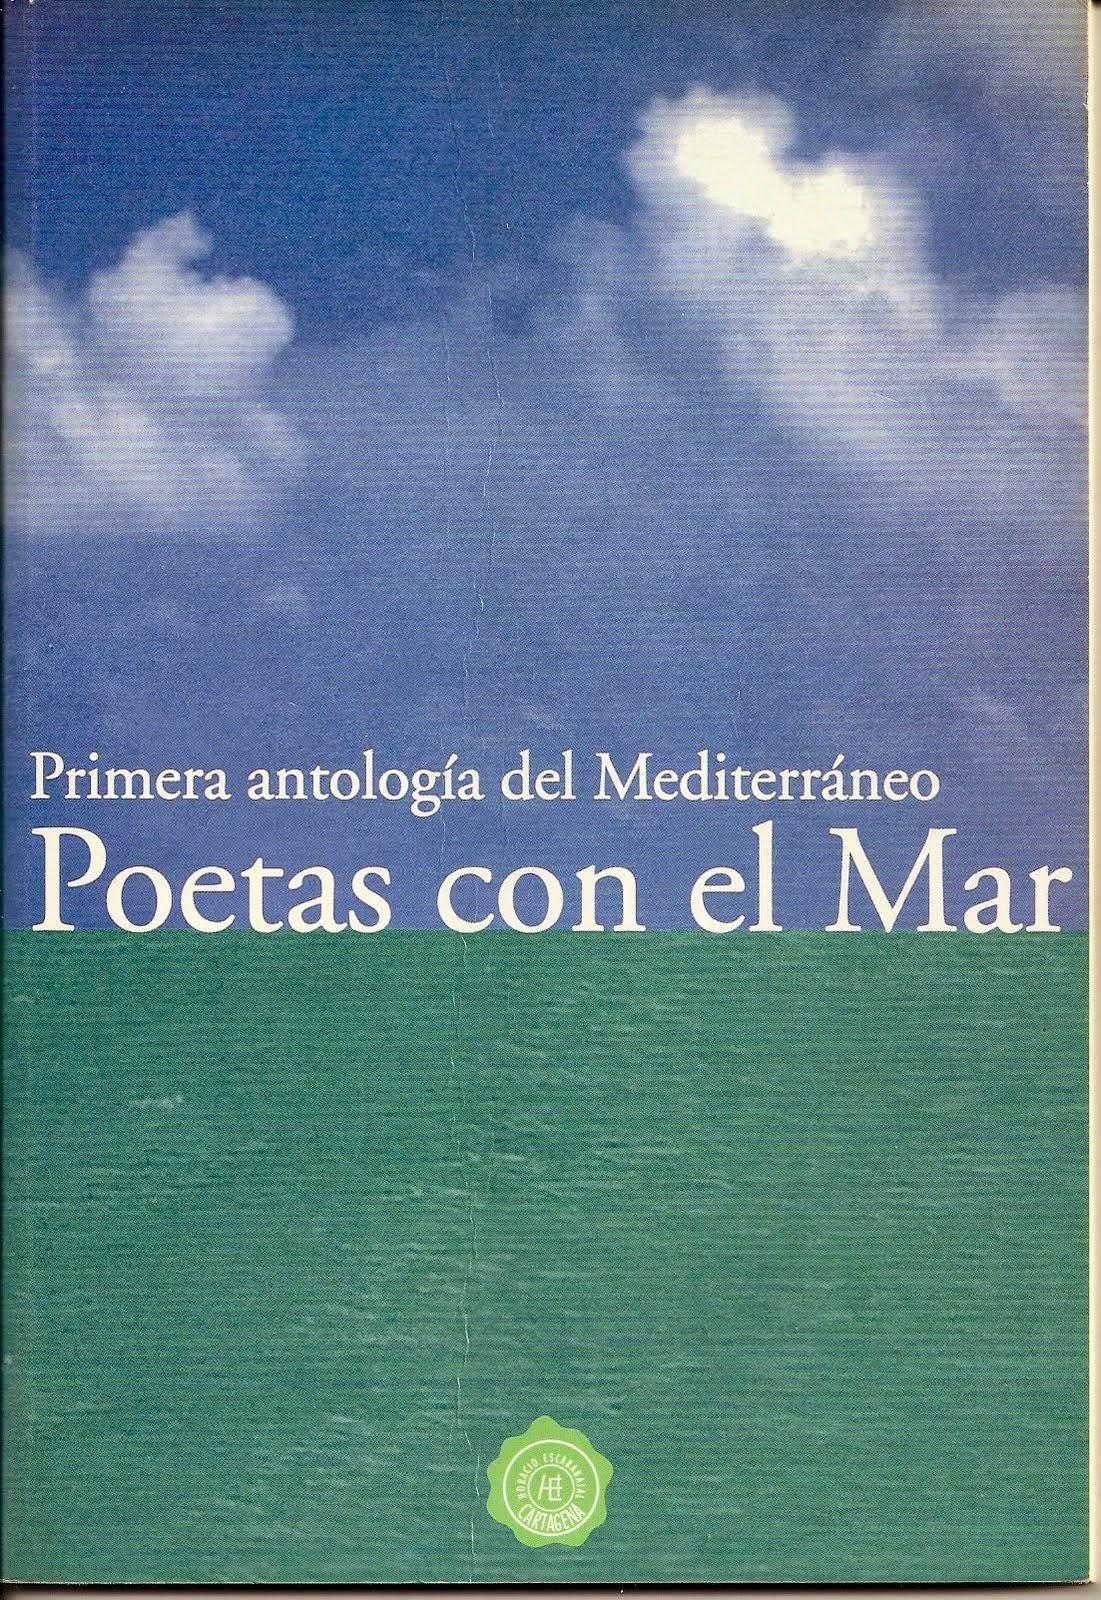 POETAS CON EL MAR